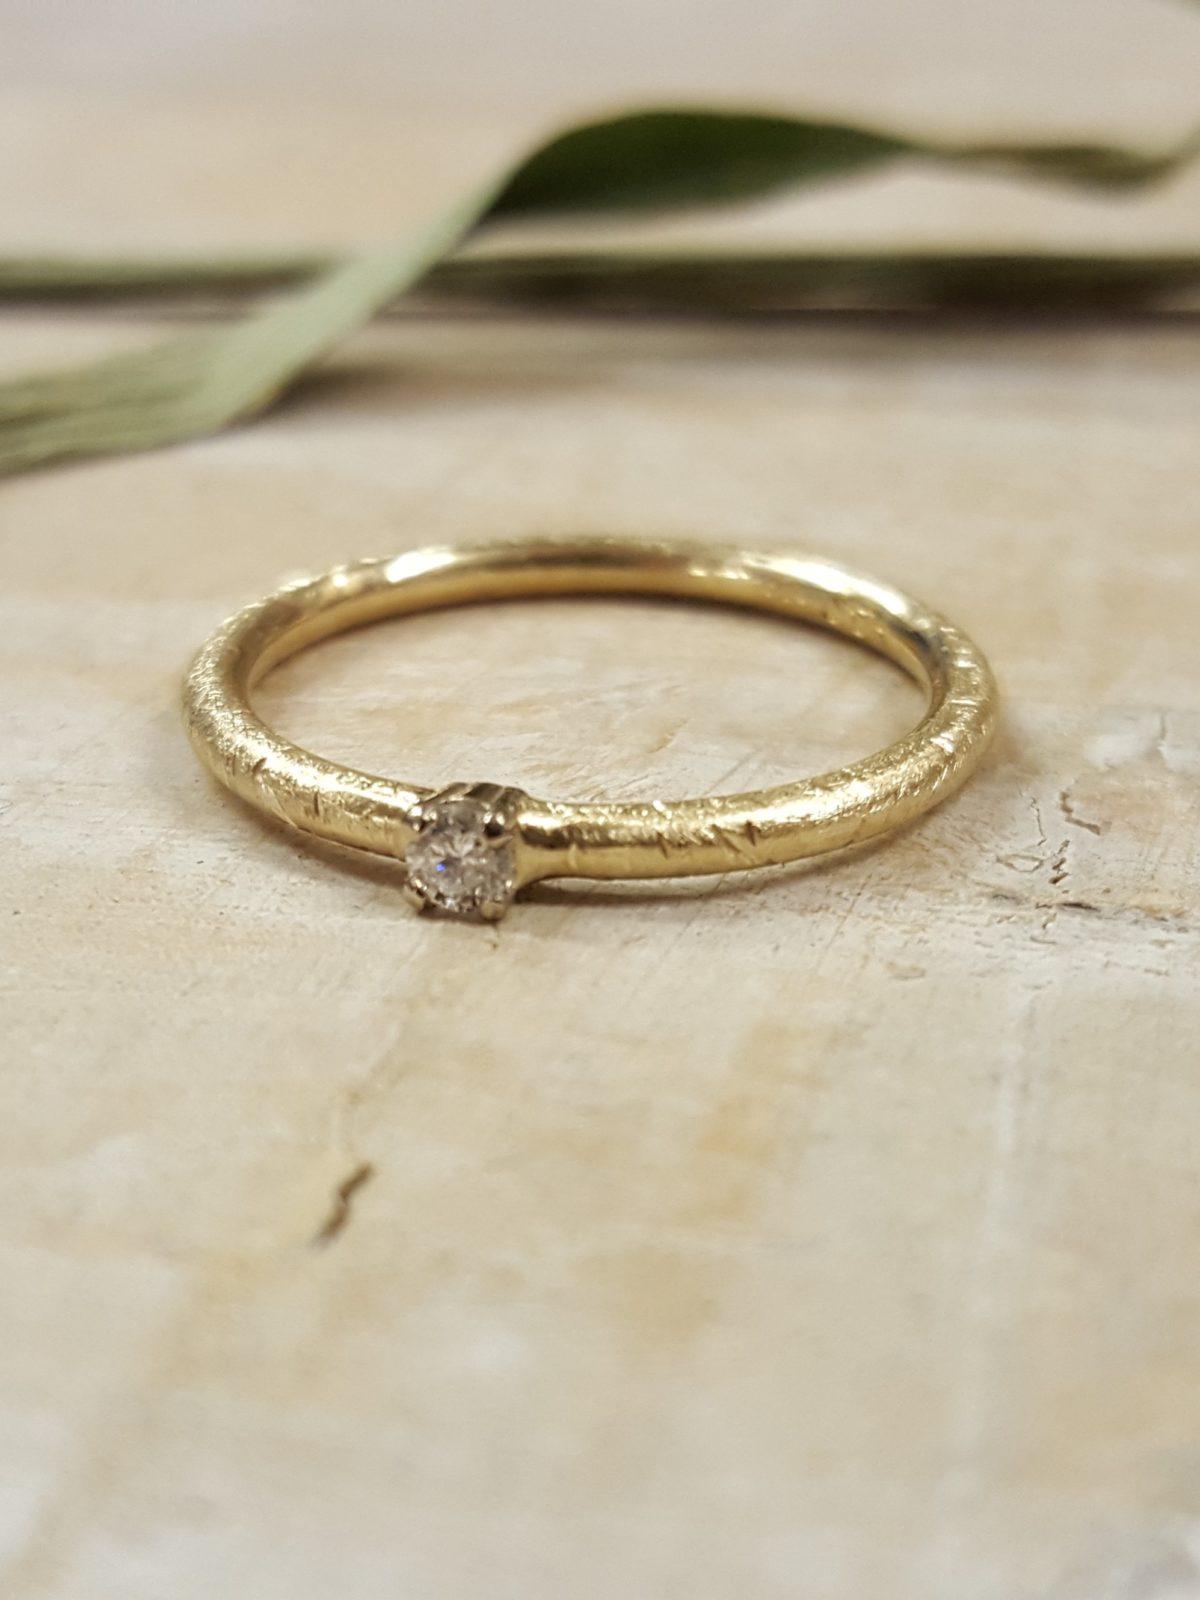 Verlobungsring in mattem Gelbgold mit weißem großen Brillanten.